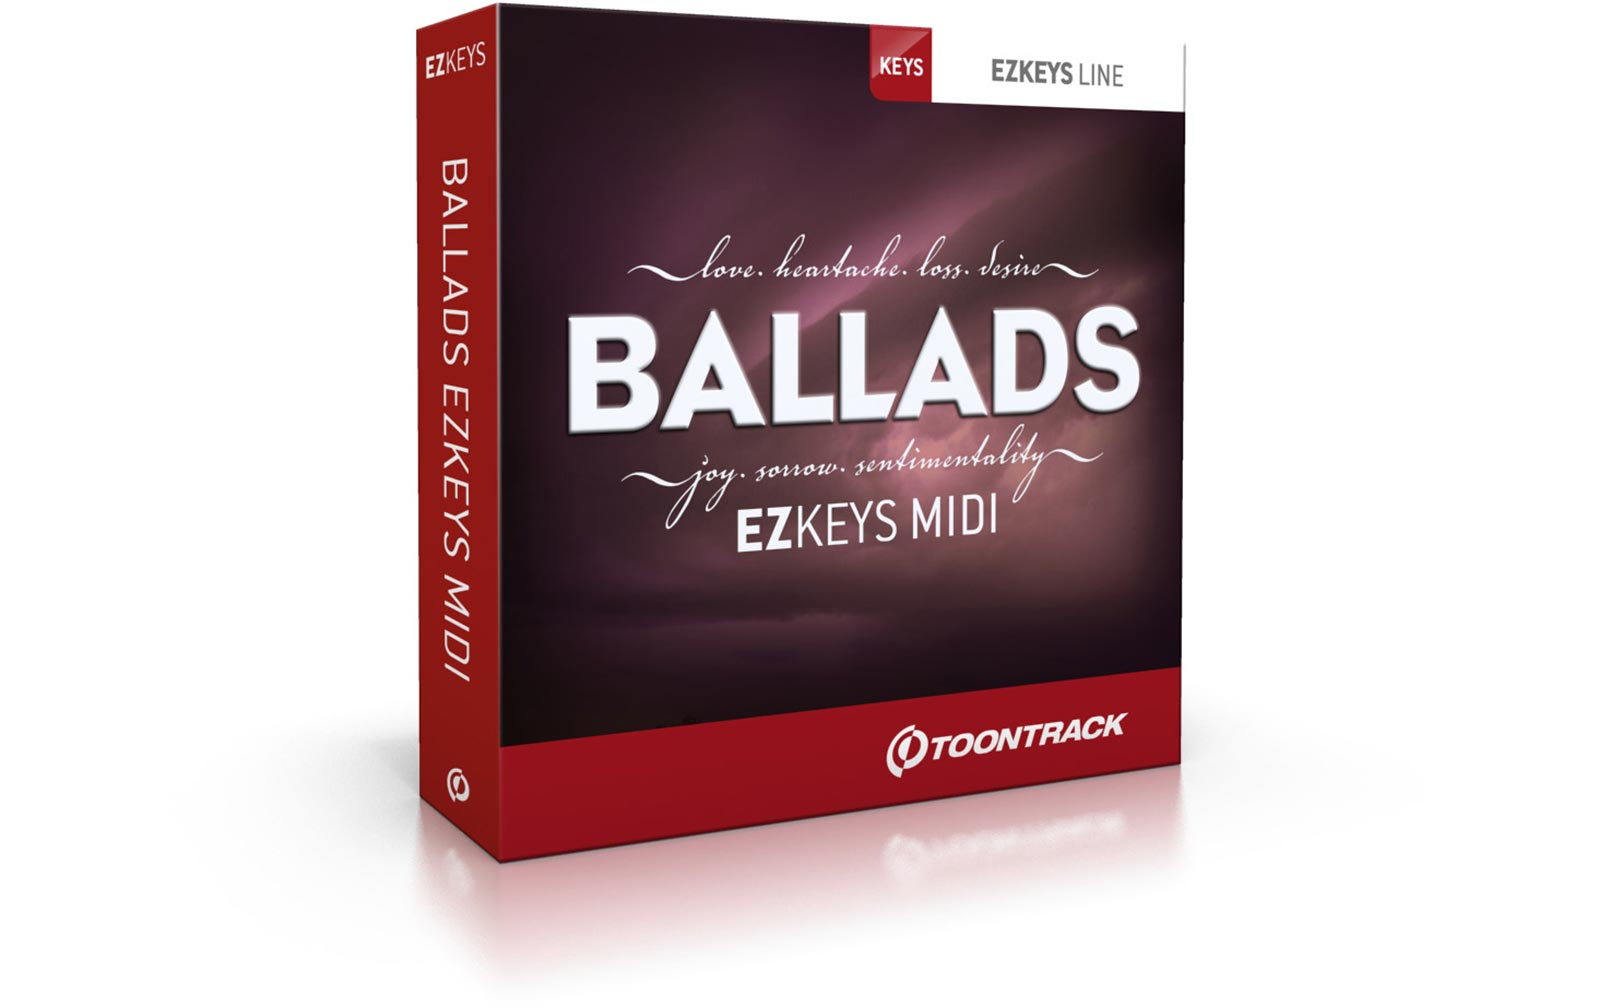 toontrack-ezkeys-rock-ballads-midi-pack-download-